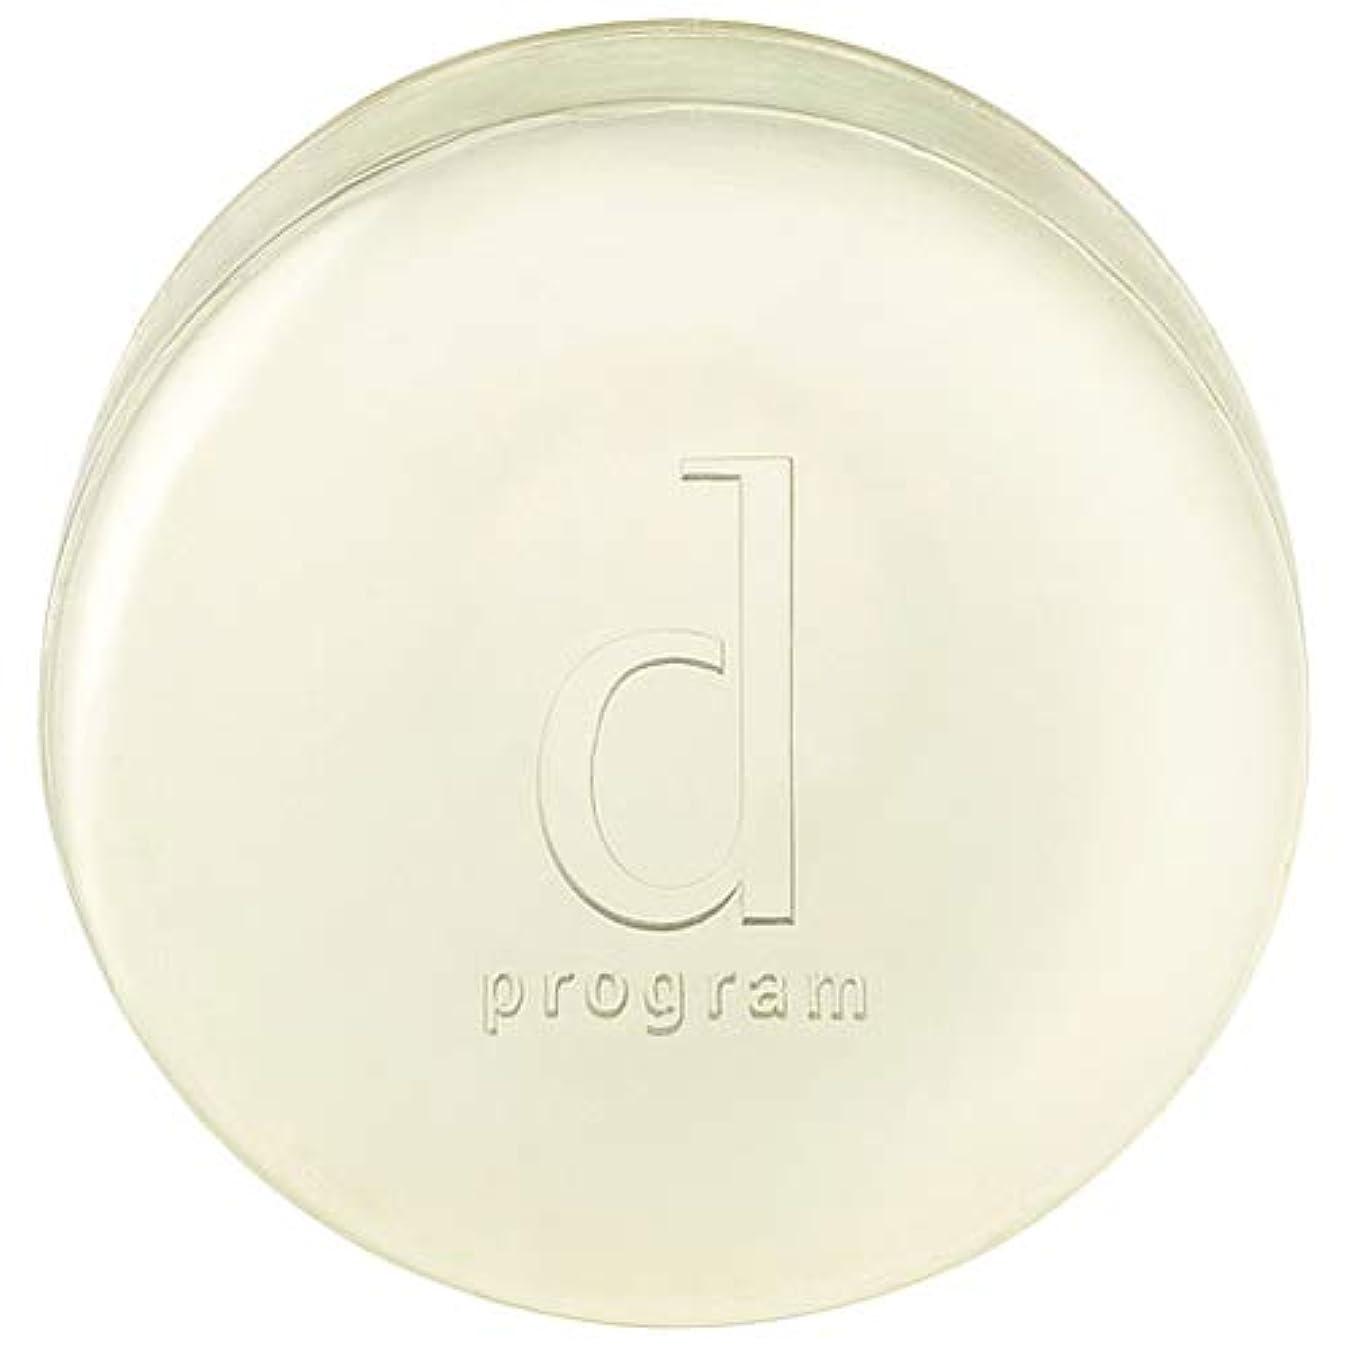 フロータヒチロープd program 資生堂 コンディショニングソープ 100g [366202] [並行輸入品]